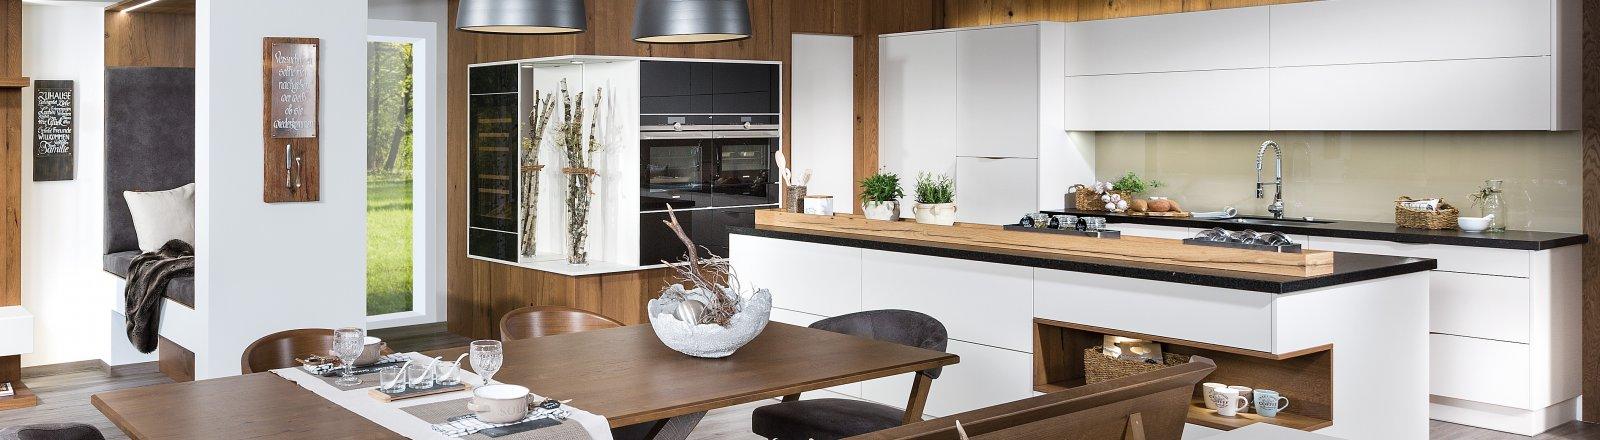 Küche P.max Maßmöbel Tischlerqualität Aus Österreich